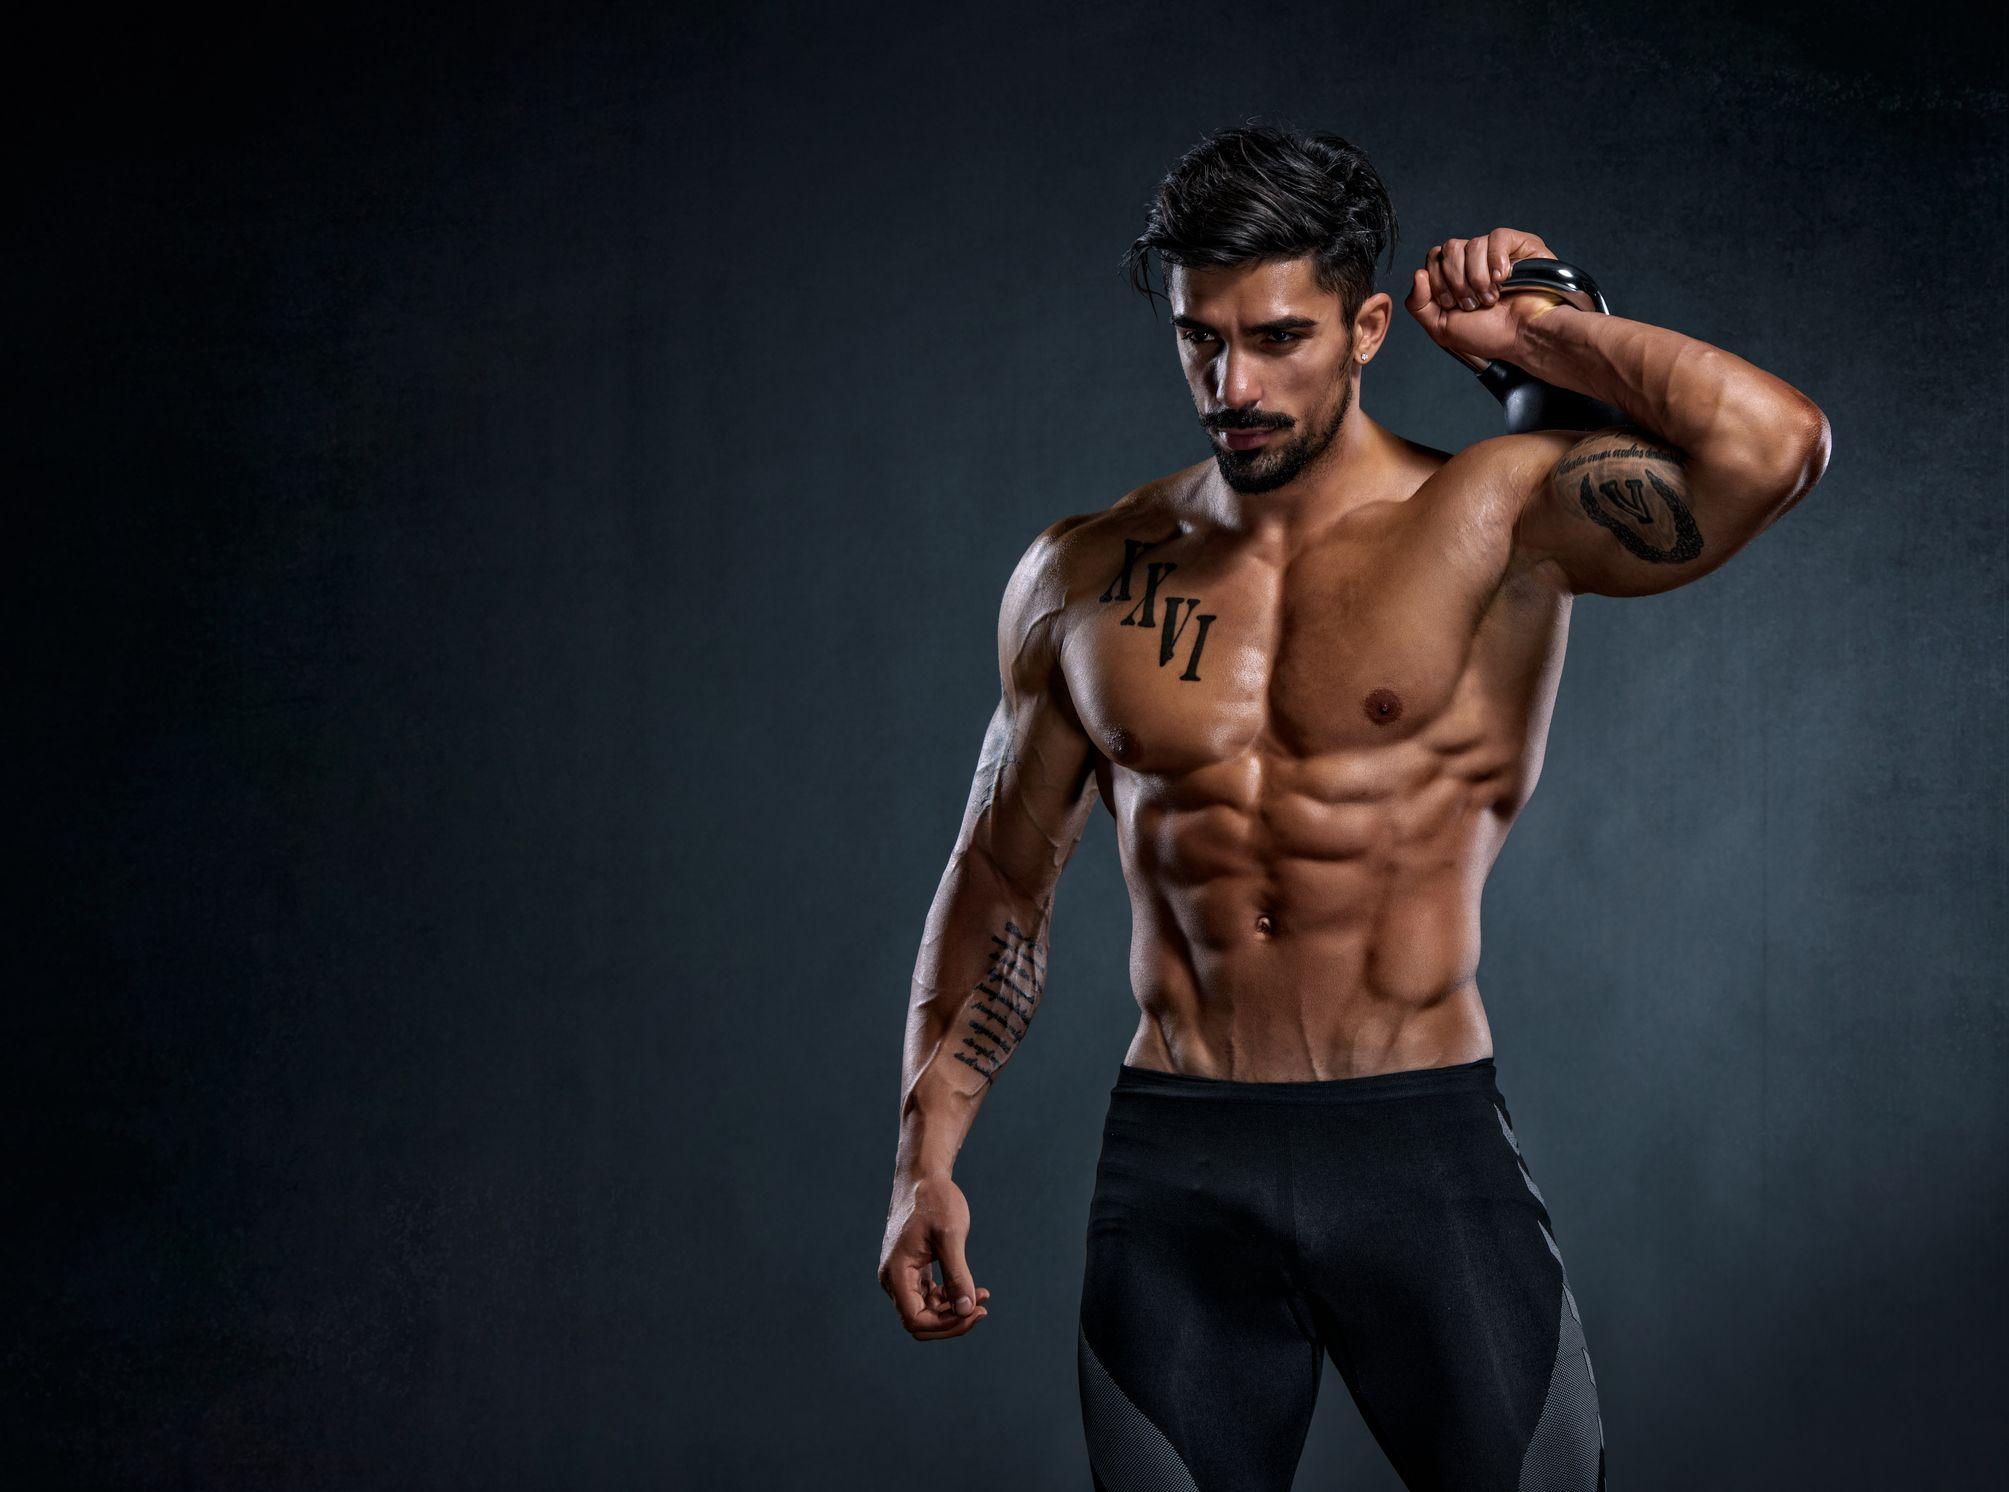 Dieta y ejercicios para definir abdomen